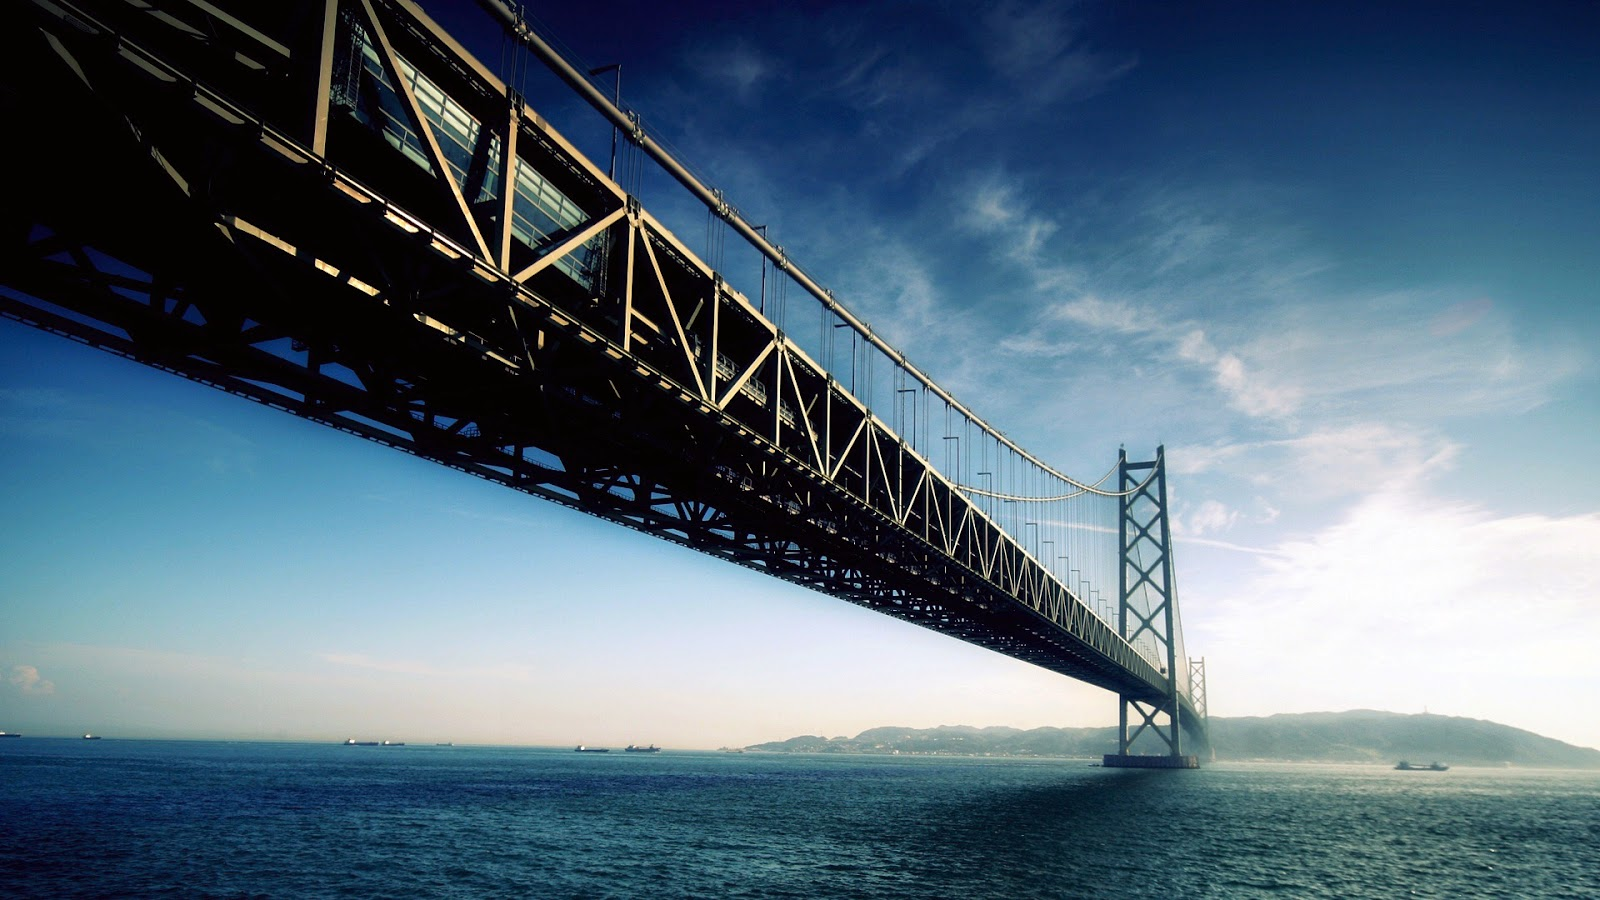 """<img src=""""http://4.bp.blogspot.com/-JO62Qf4MpQg/U76-OJX8CaI/AAAAAAAALcQ/cQ2UnJ68Bi0/s1600/bridge-hd-wallpaper.jpg"""" alt=""""Bridge HD Wallpaper"""" />"""